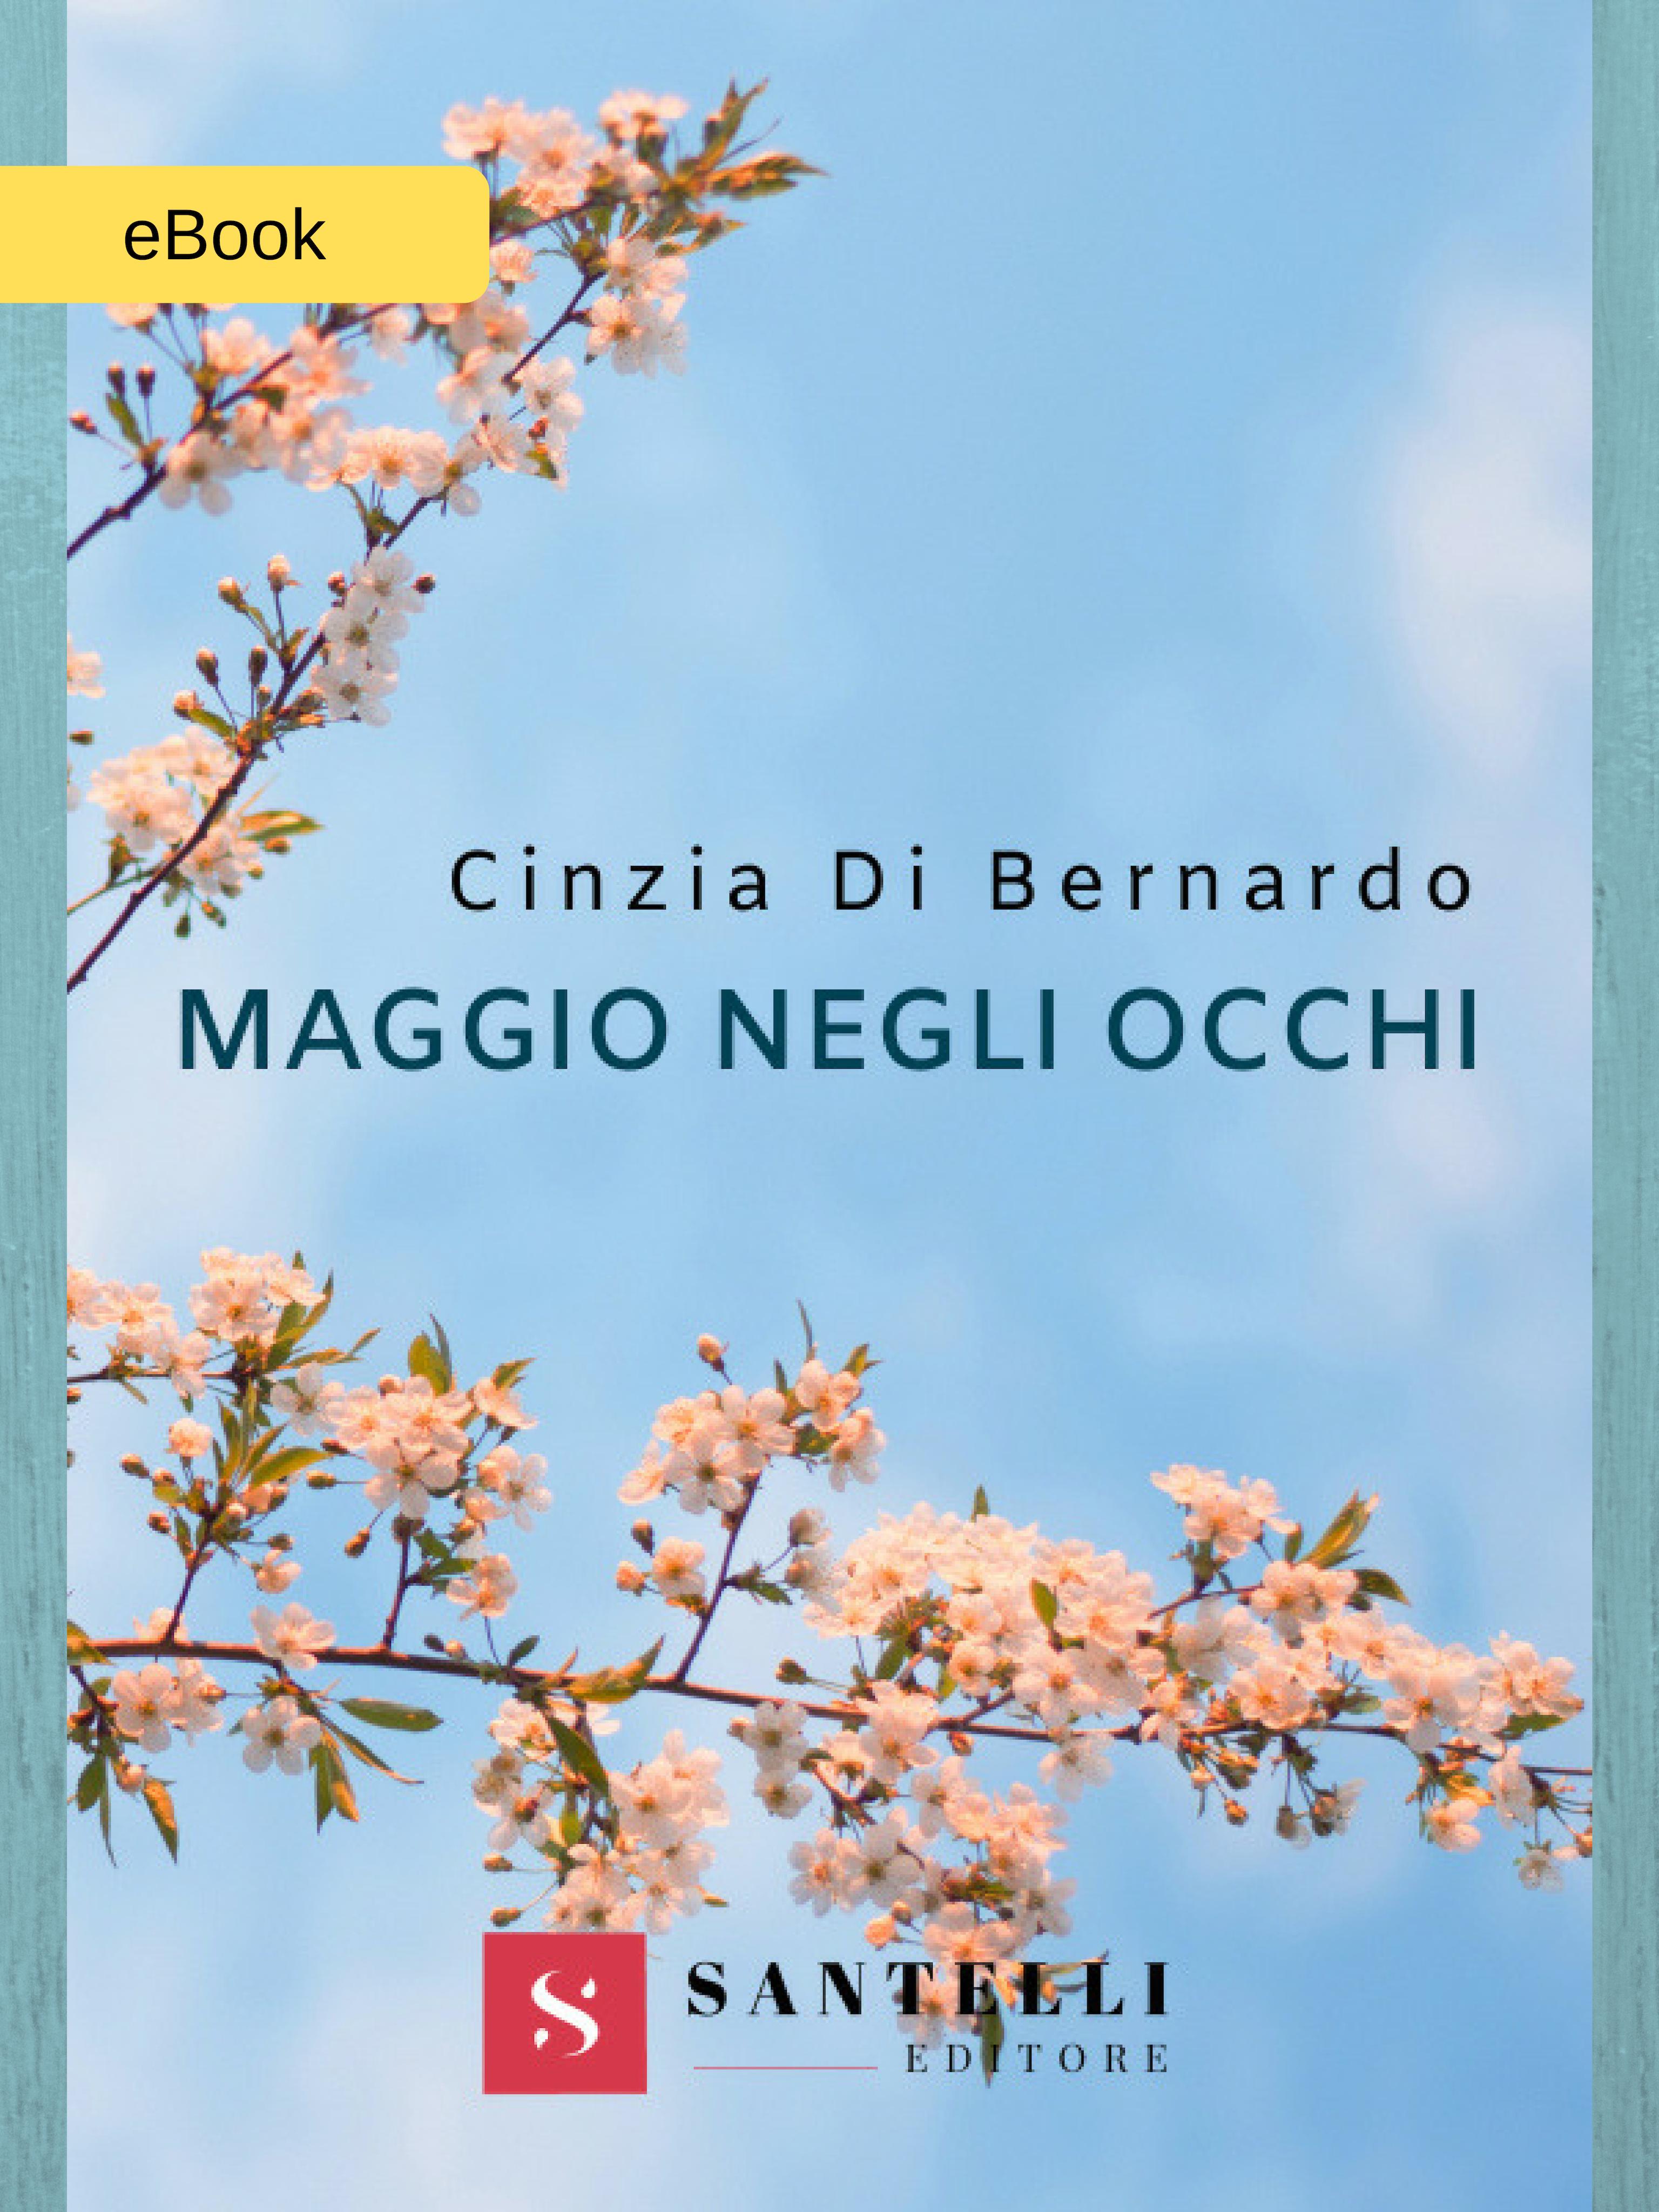 Maggio negli occhi (eBook), Cinzia di Bernardo - cover